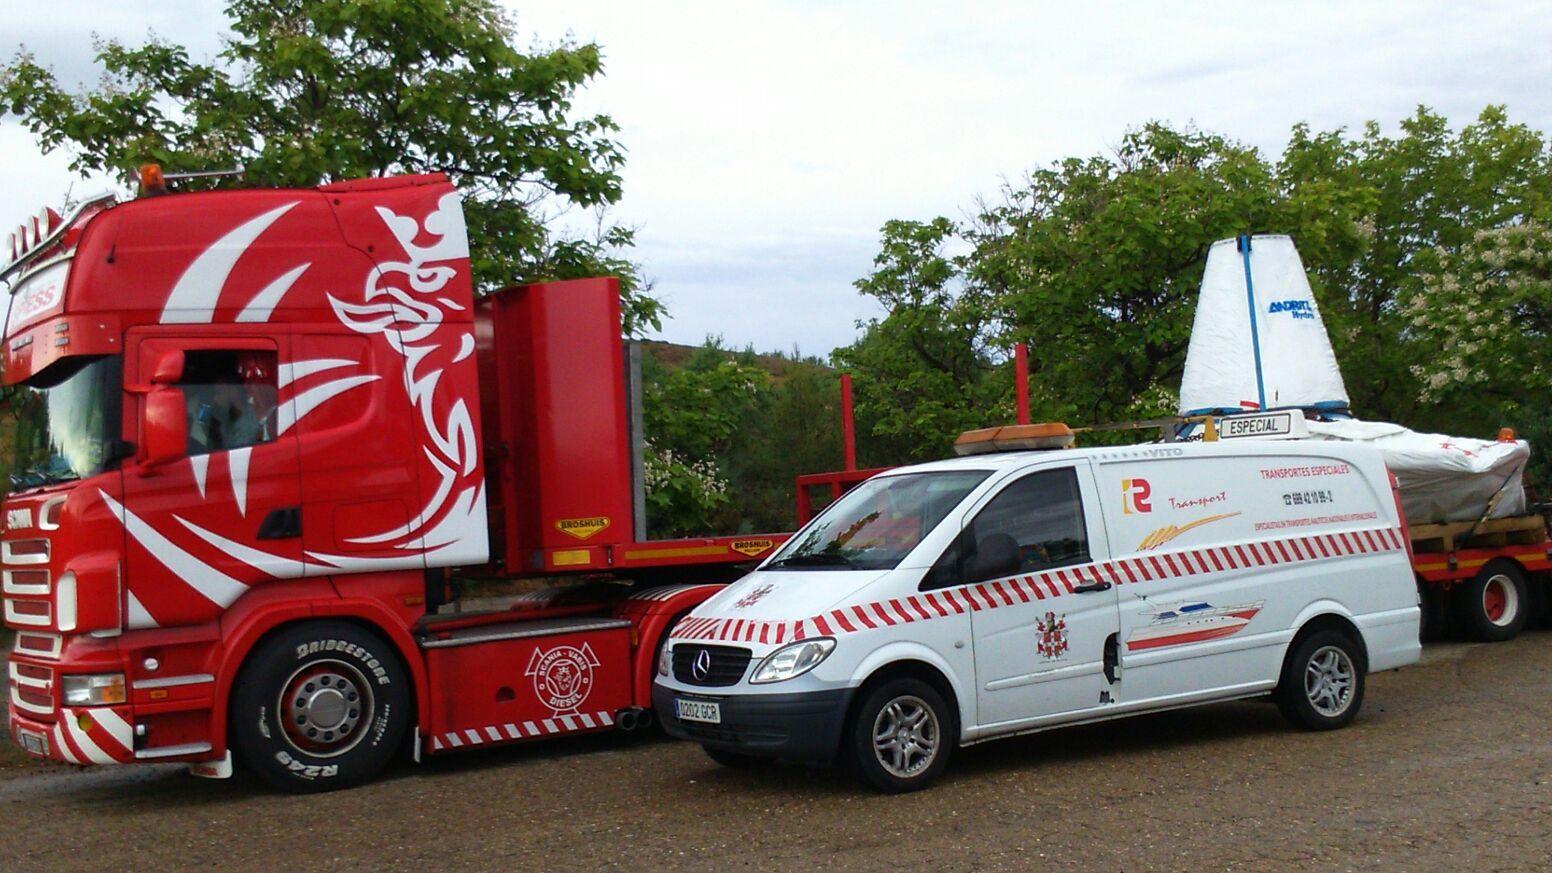 Coches piiloto de acompañamiento a vehículos especiales